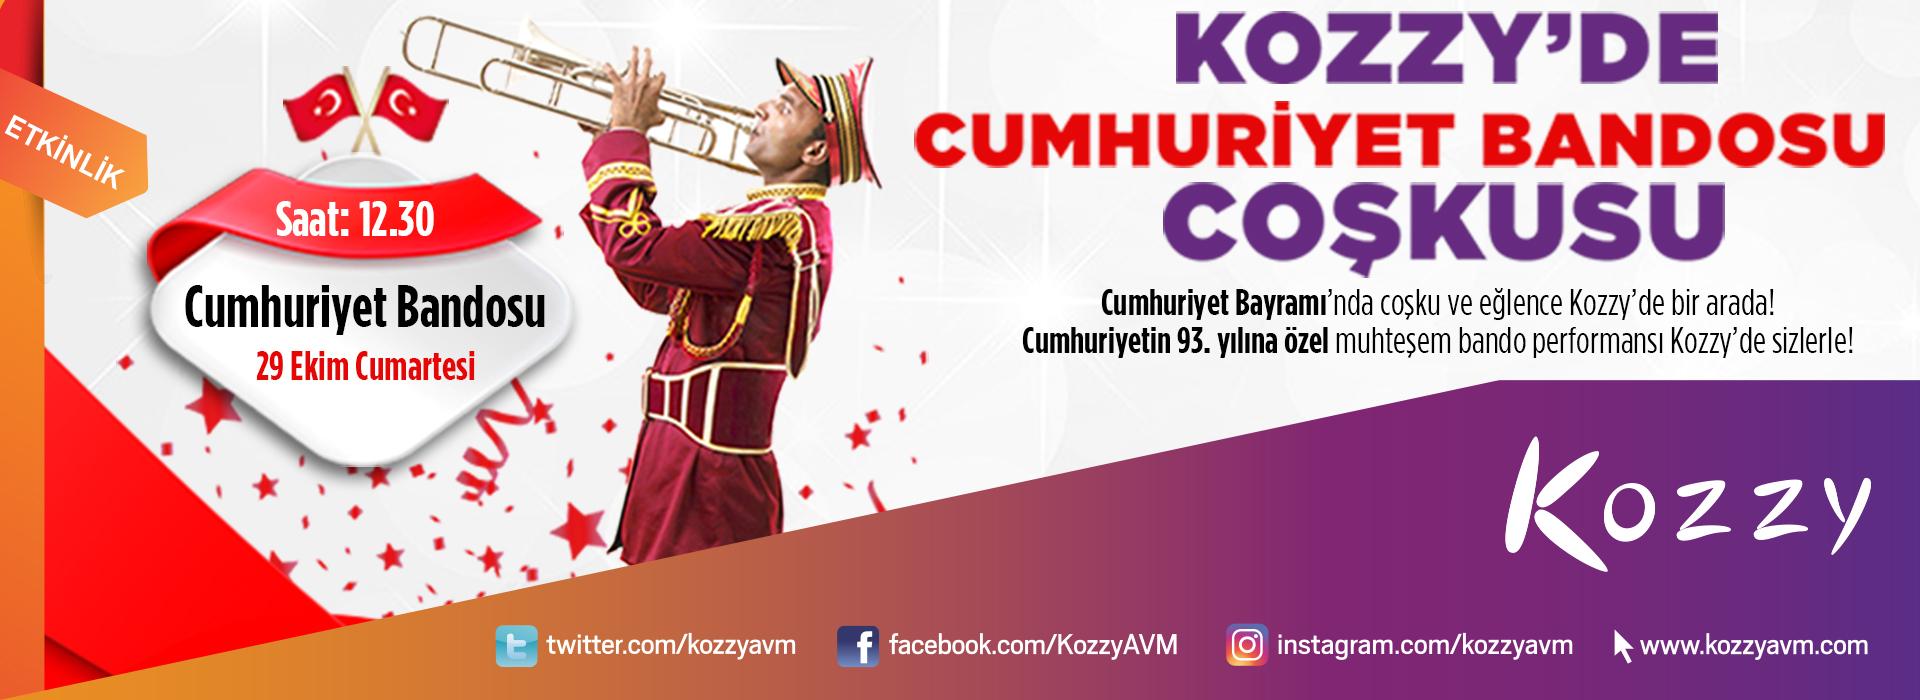 Kozzy'de Cumhuriyet Bayramı Coşkusu